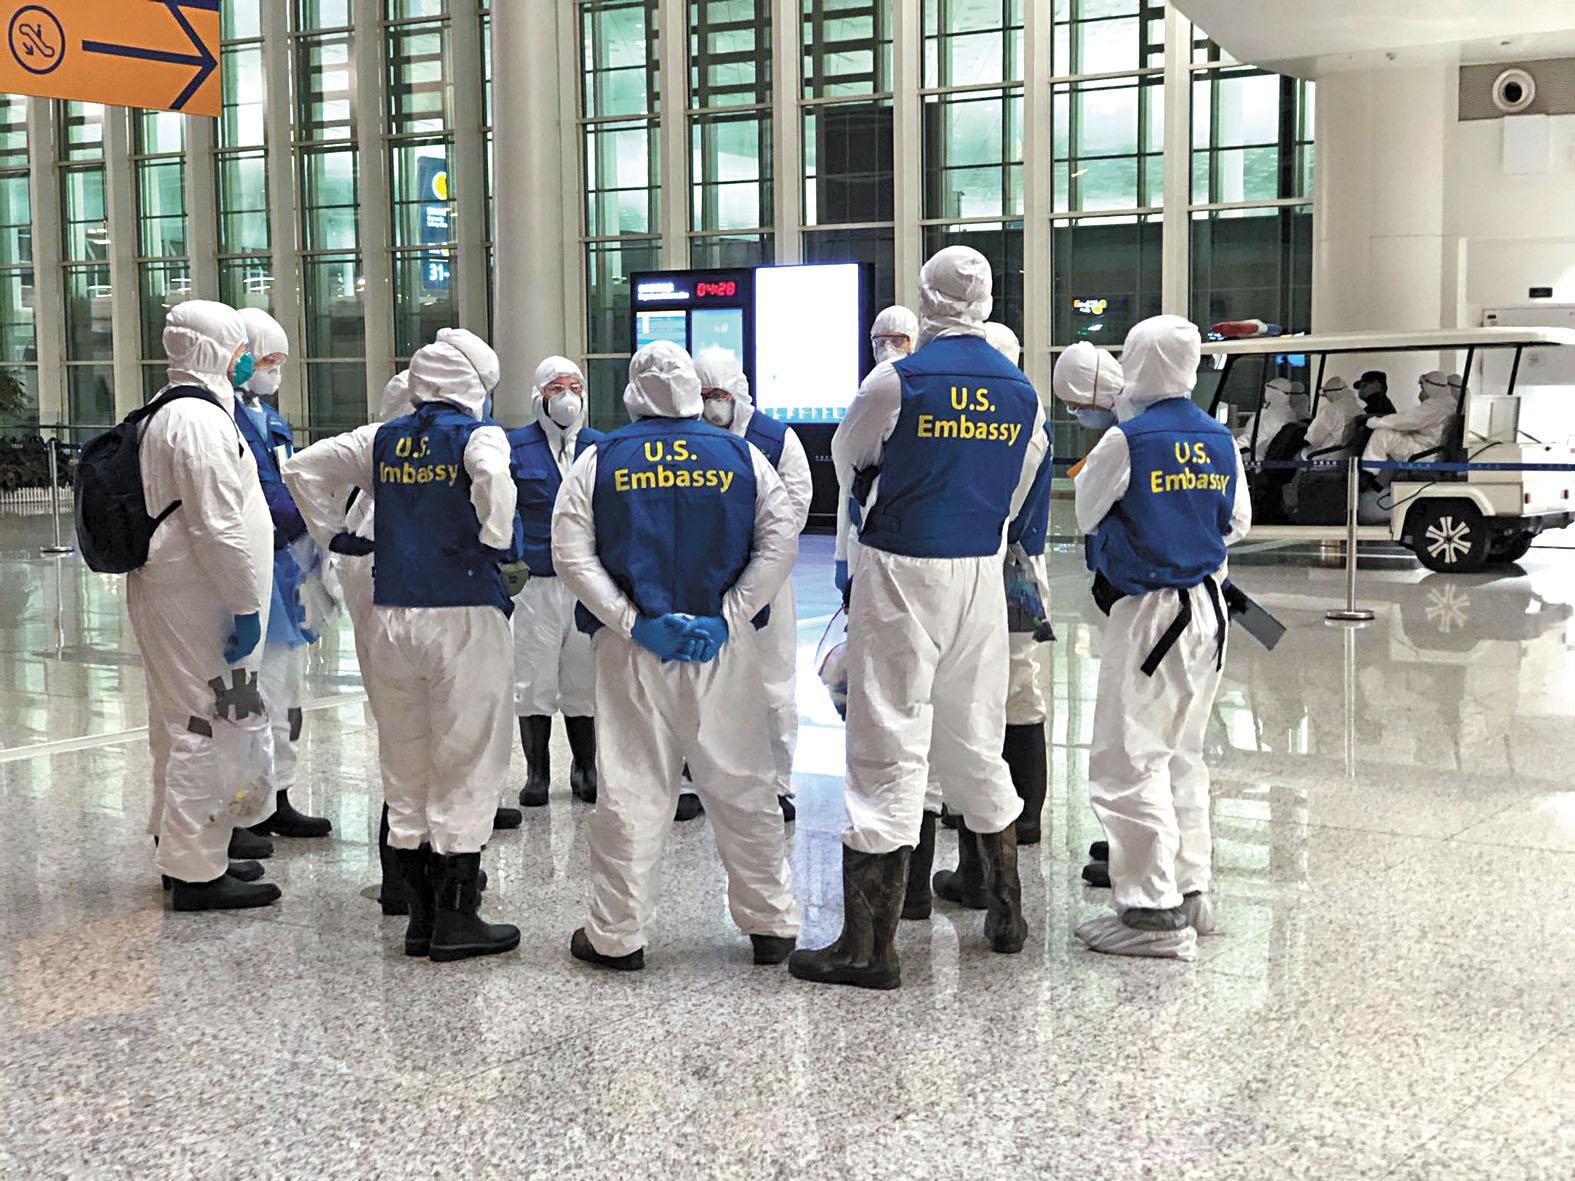 從中國撤僑回美國的人員中,出現確證病例。圖為美國工作人員在機場商量事宜。路透社